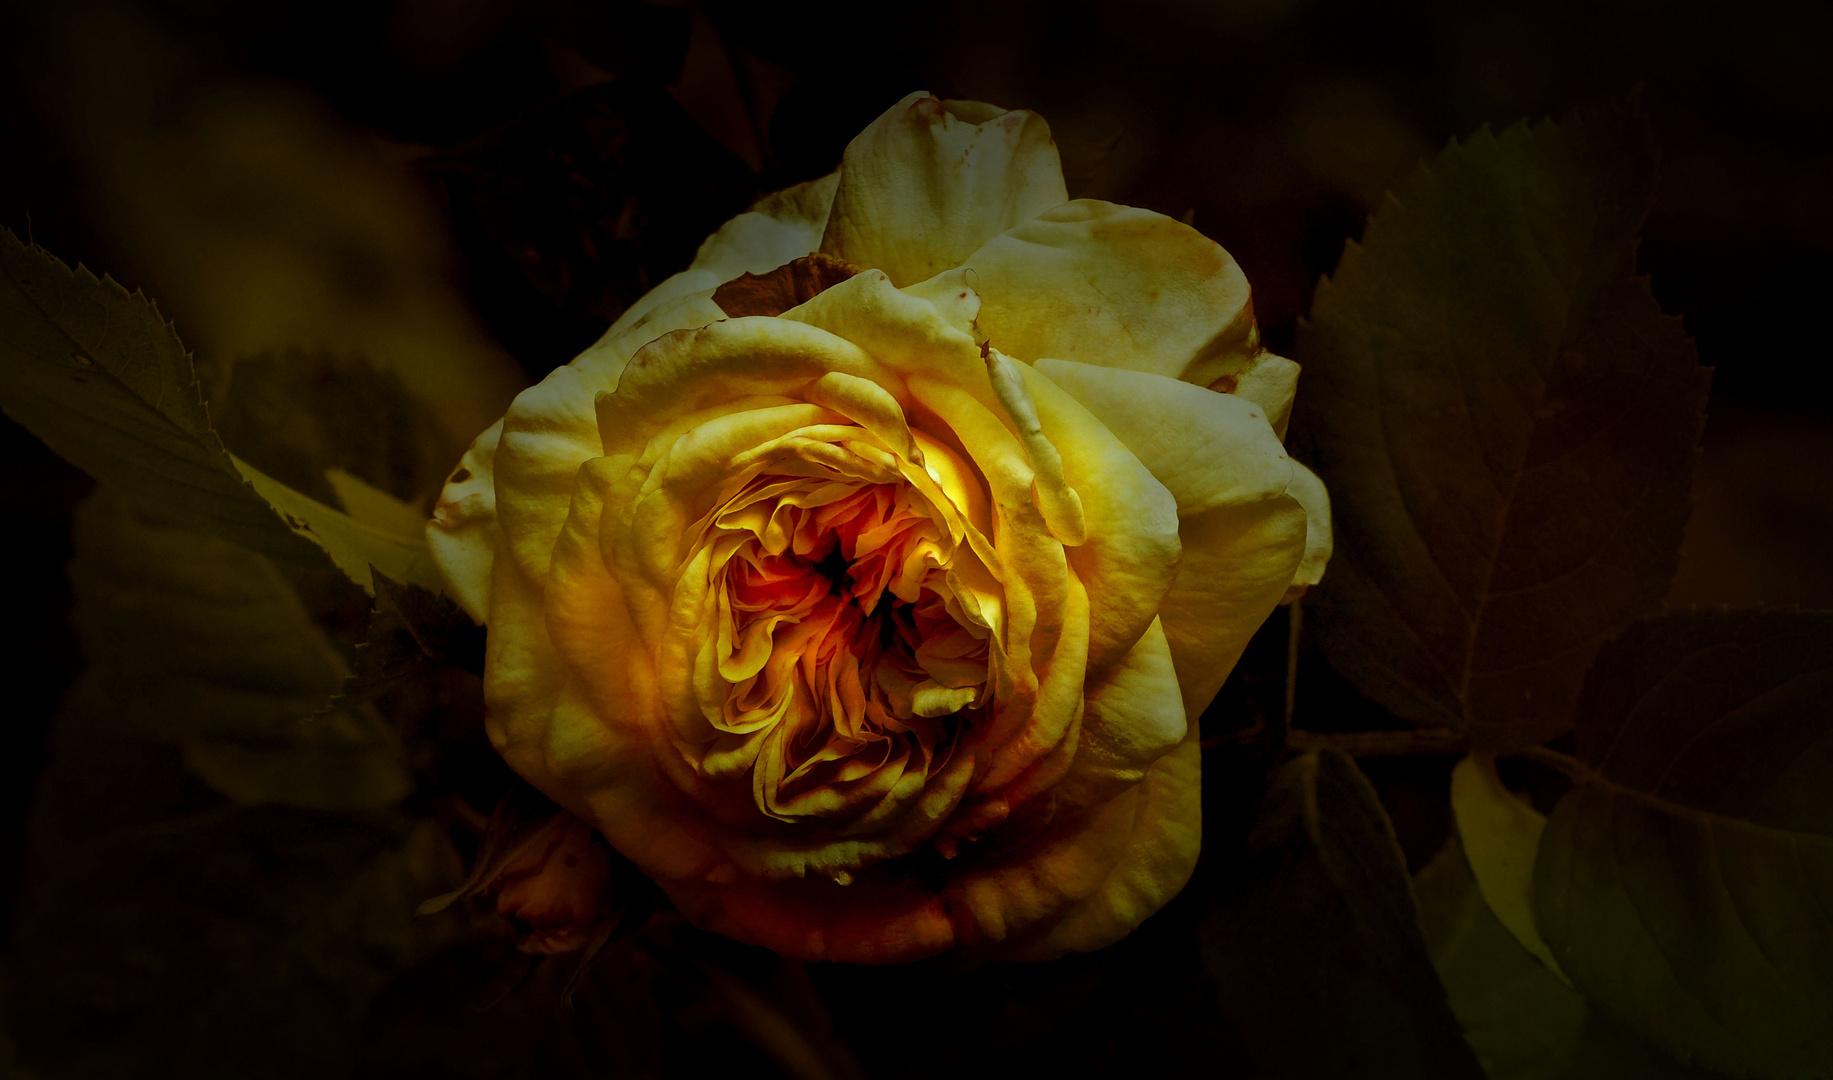 Rose im Abendlicht...